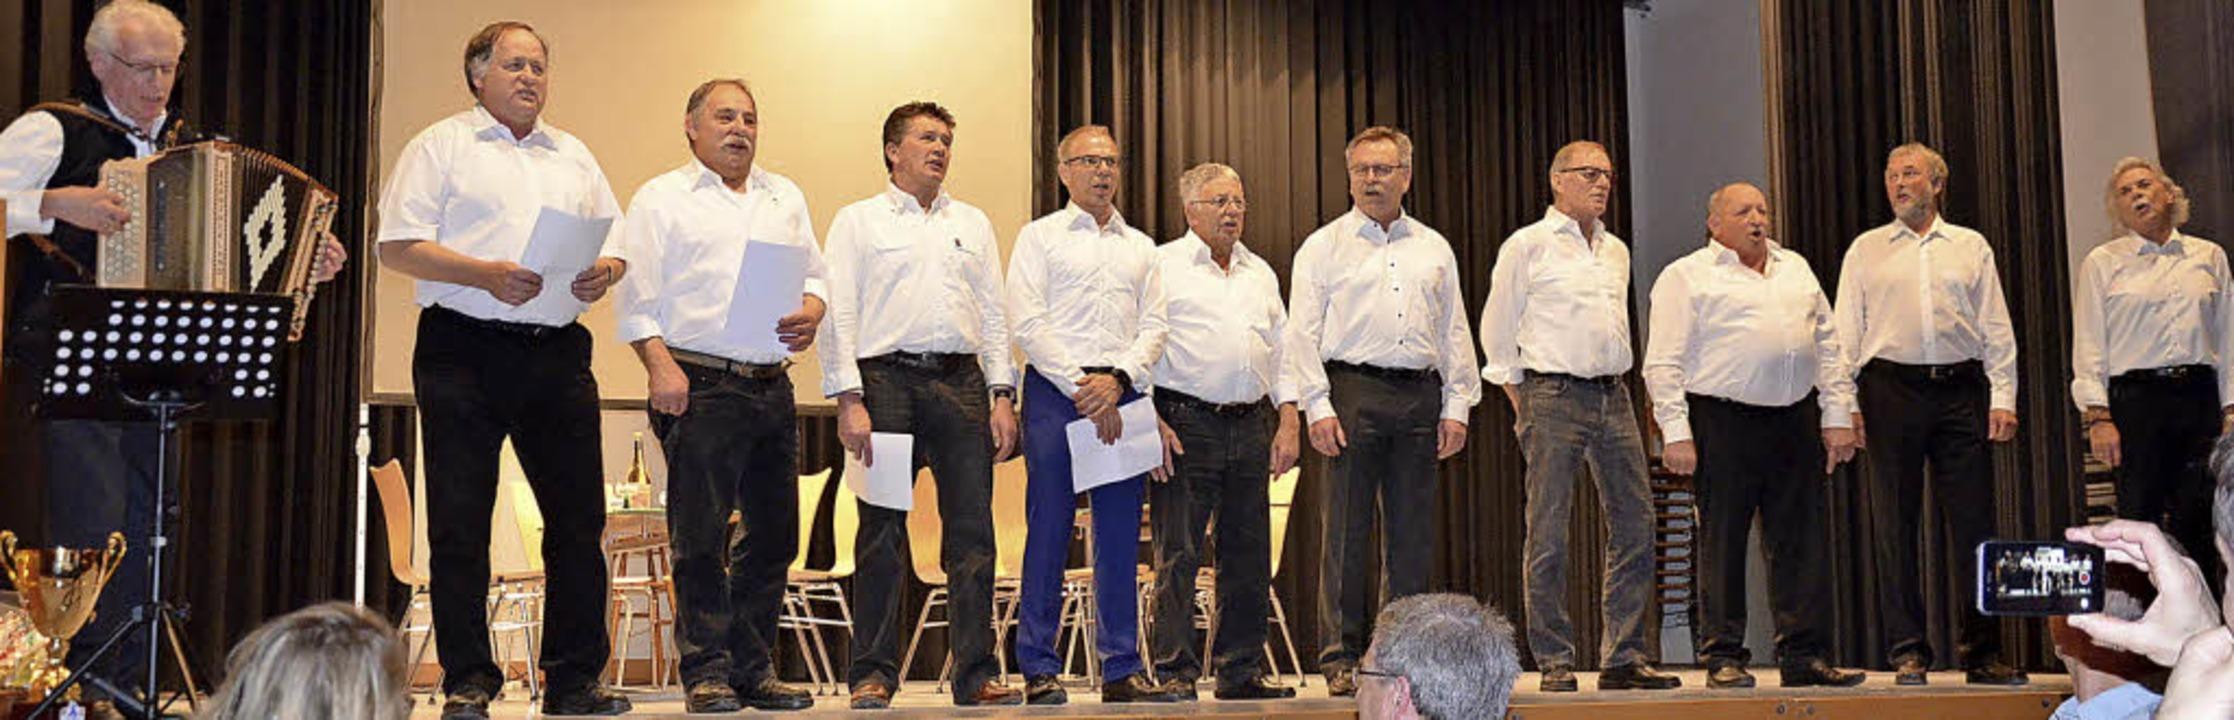 Extra fürs Jubiläum haben die Vereinsv... einen Ringer-Chor ins Leben gerufen.   | Foto: Alexandra Wehrle